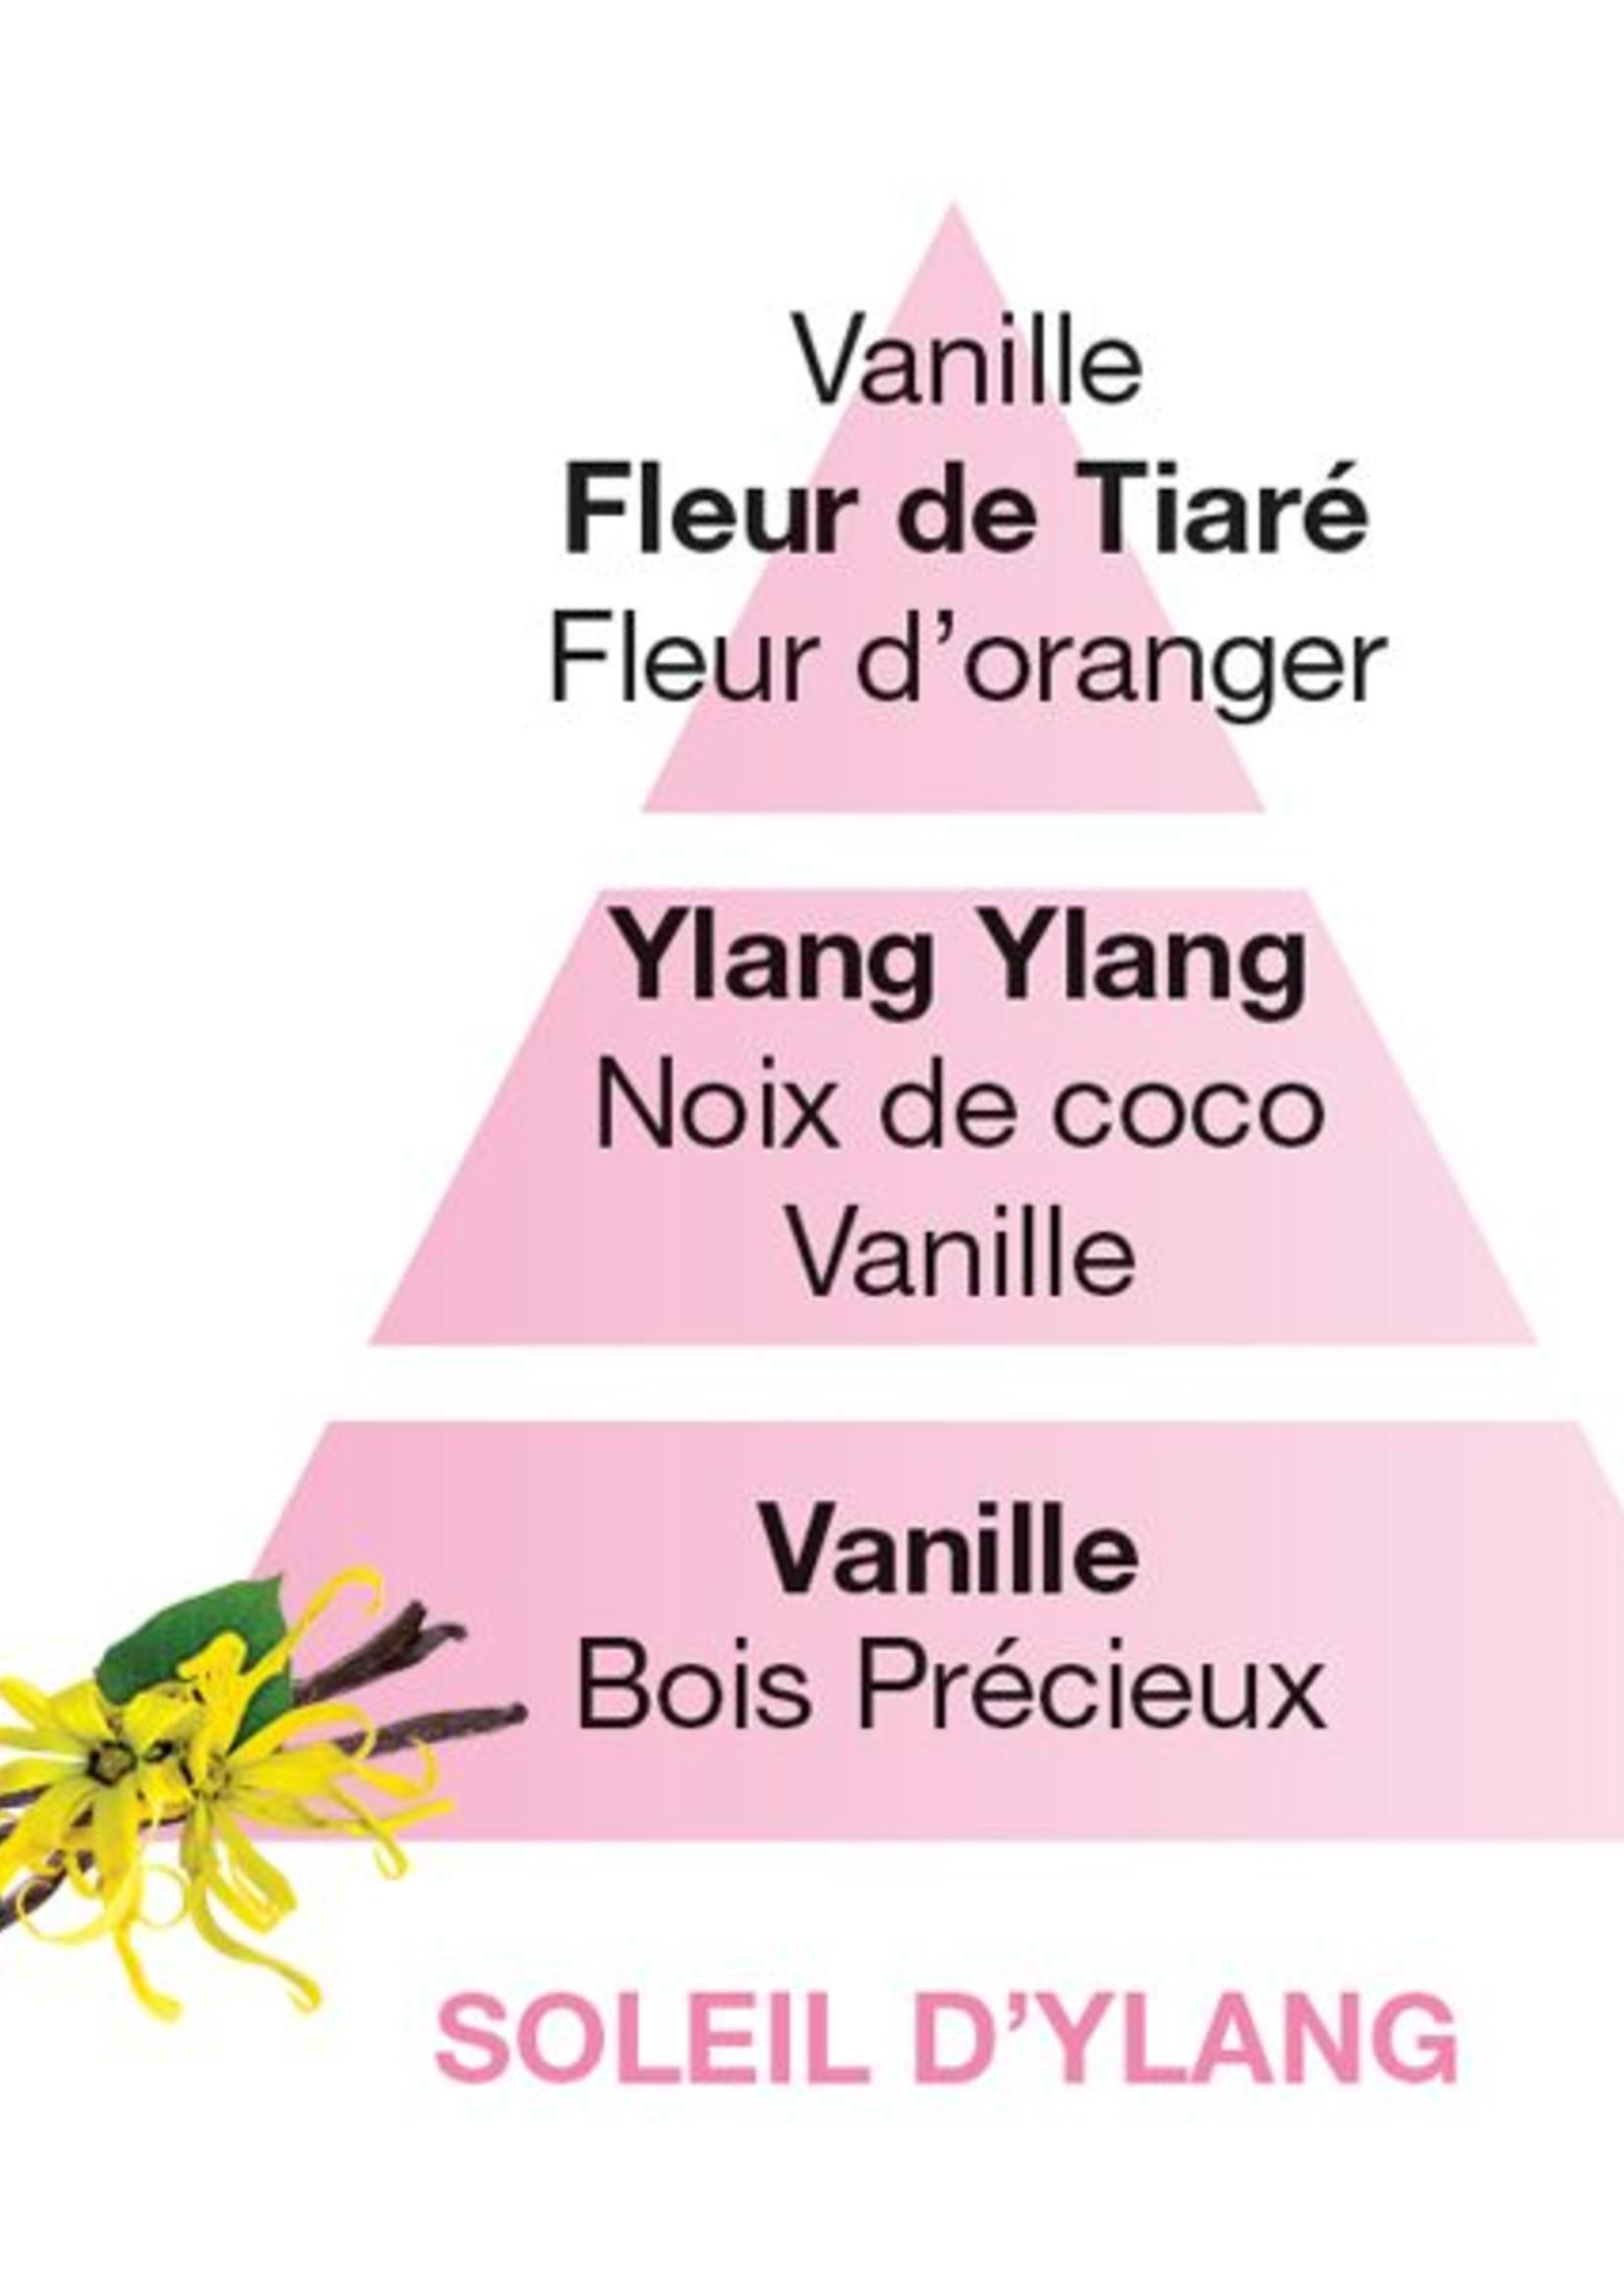 Lampe Berger Huisparfum Soleil d'Ylang